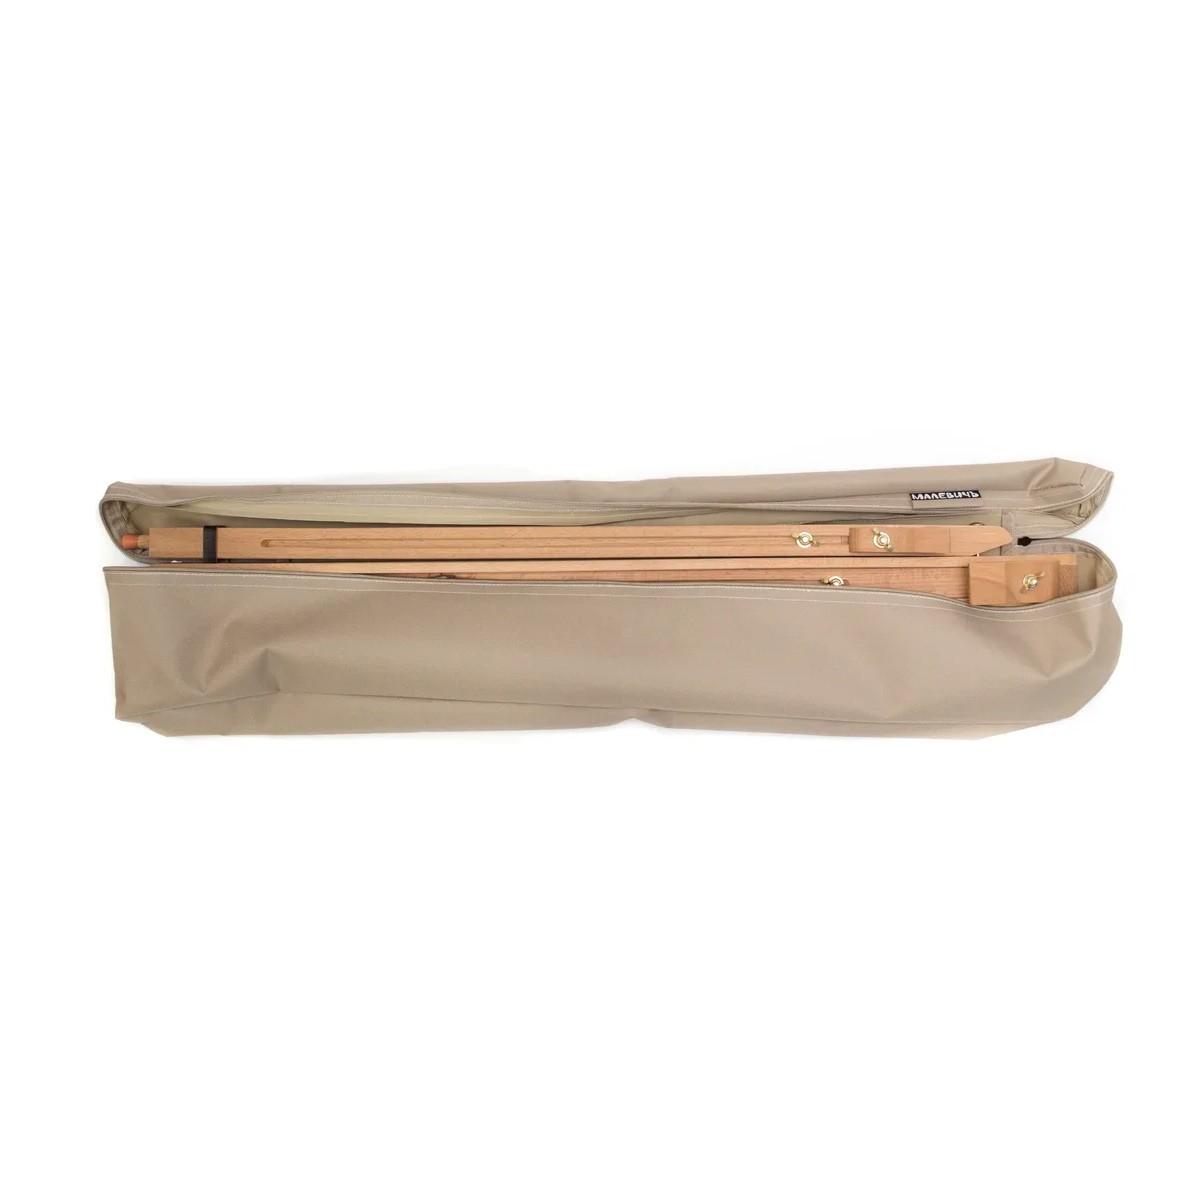 Купить Сумка для деревянной треноги Малевичъ 86х14х8 см, бежевая, Россия